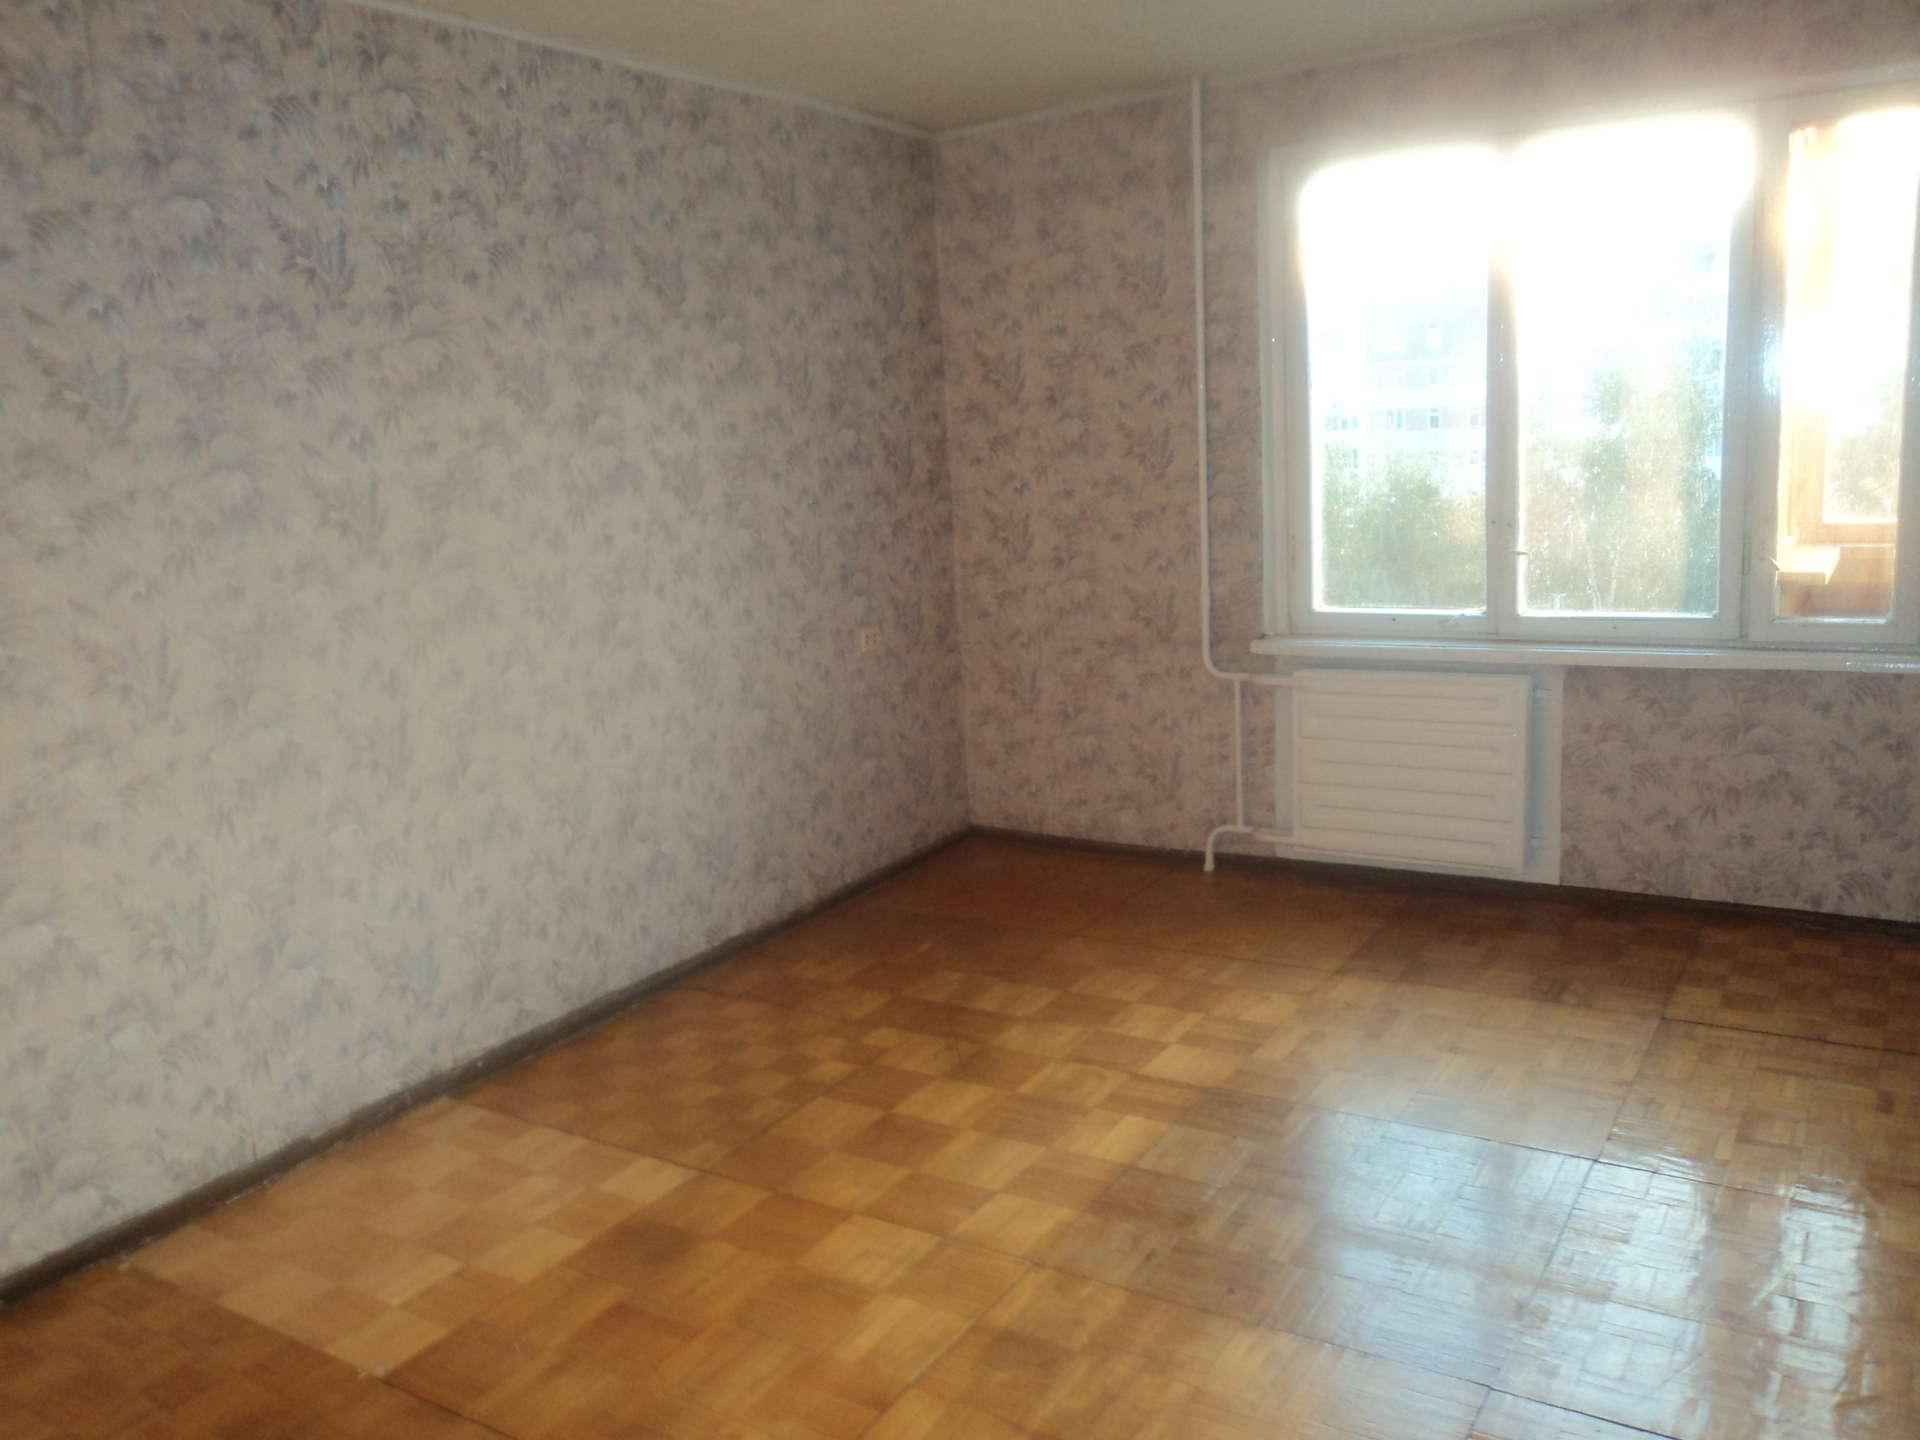 Фото квартир без мебели с обычным ремонтом и мебелью